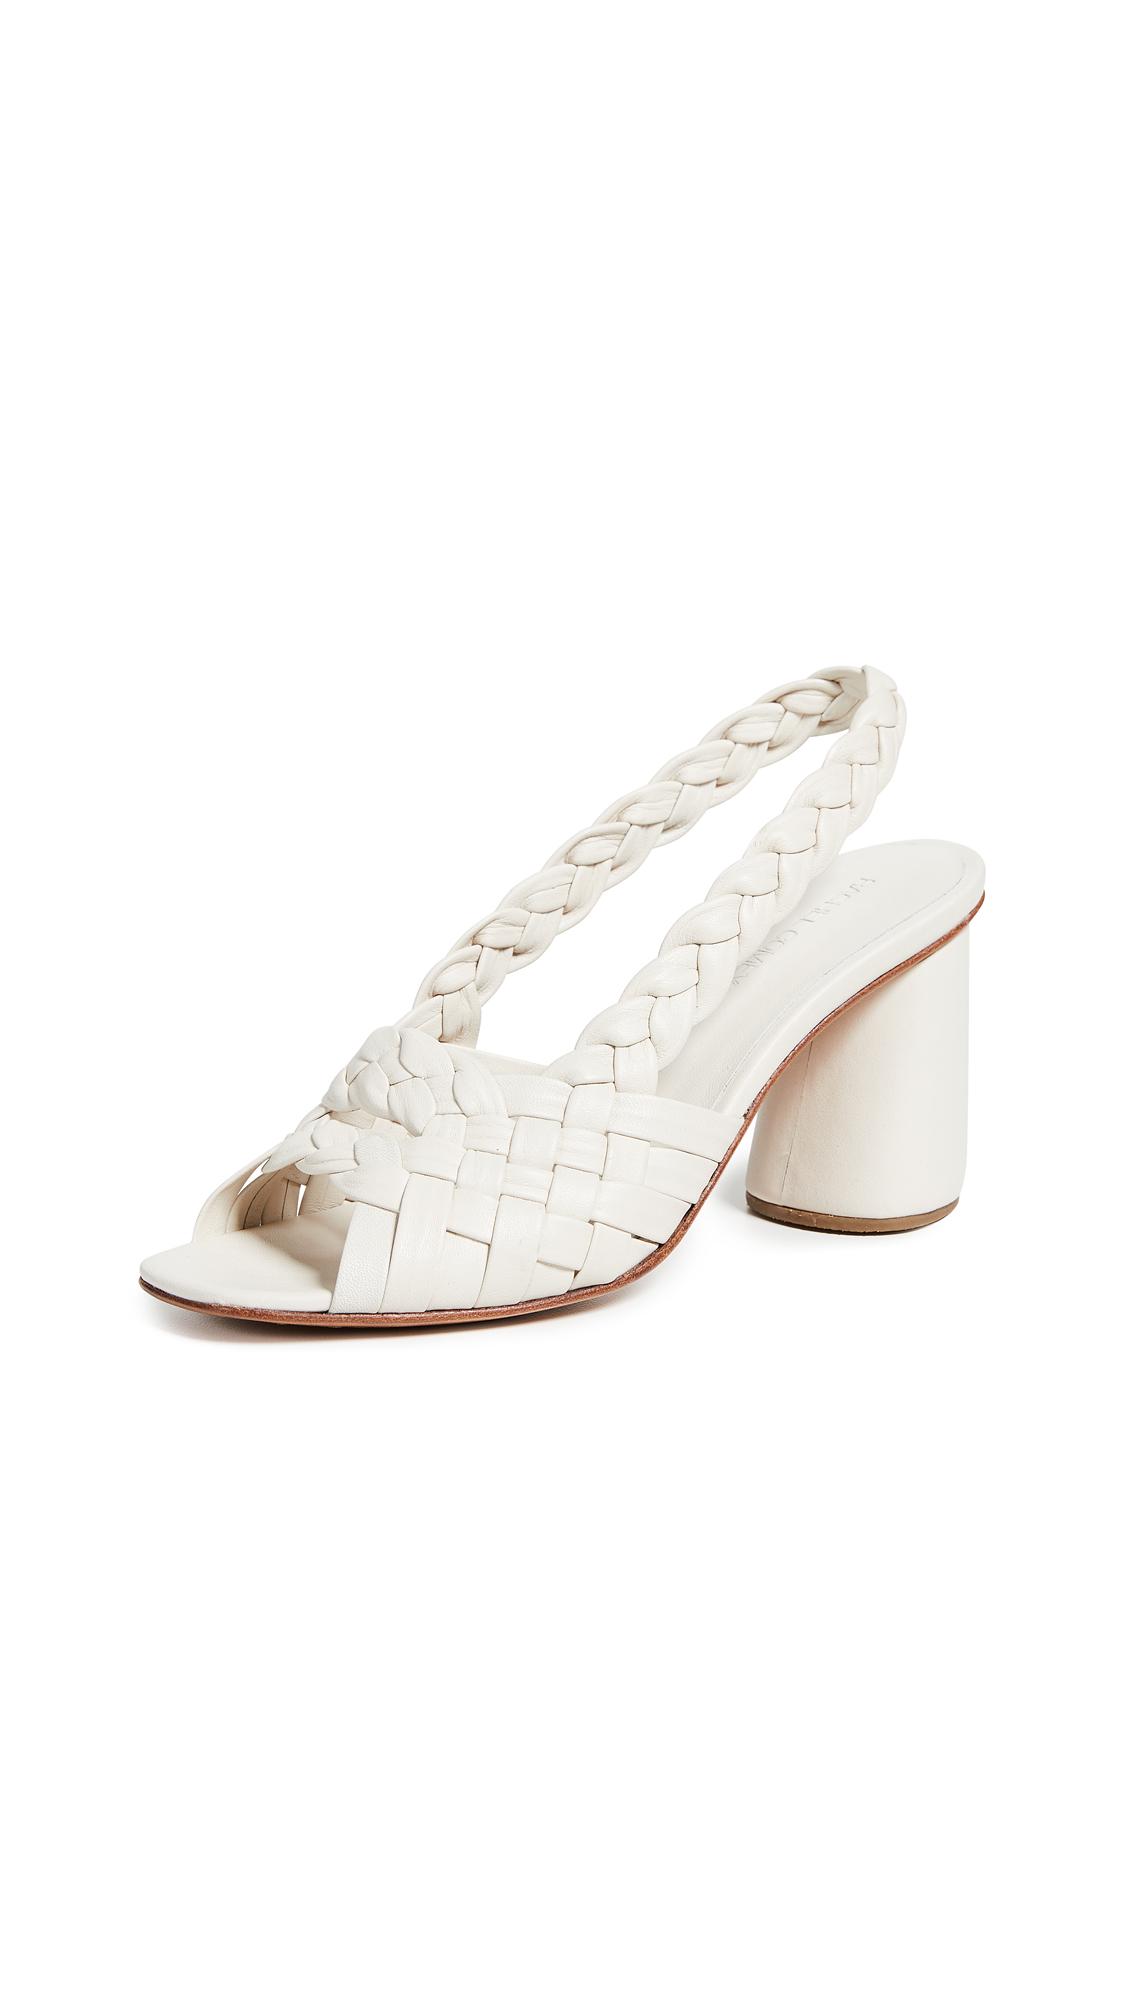 Rachel Comey Zion Slingback Sandals - White